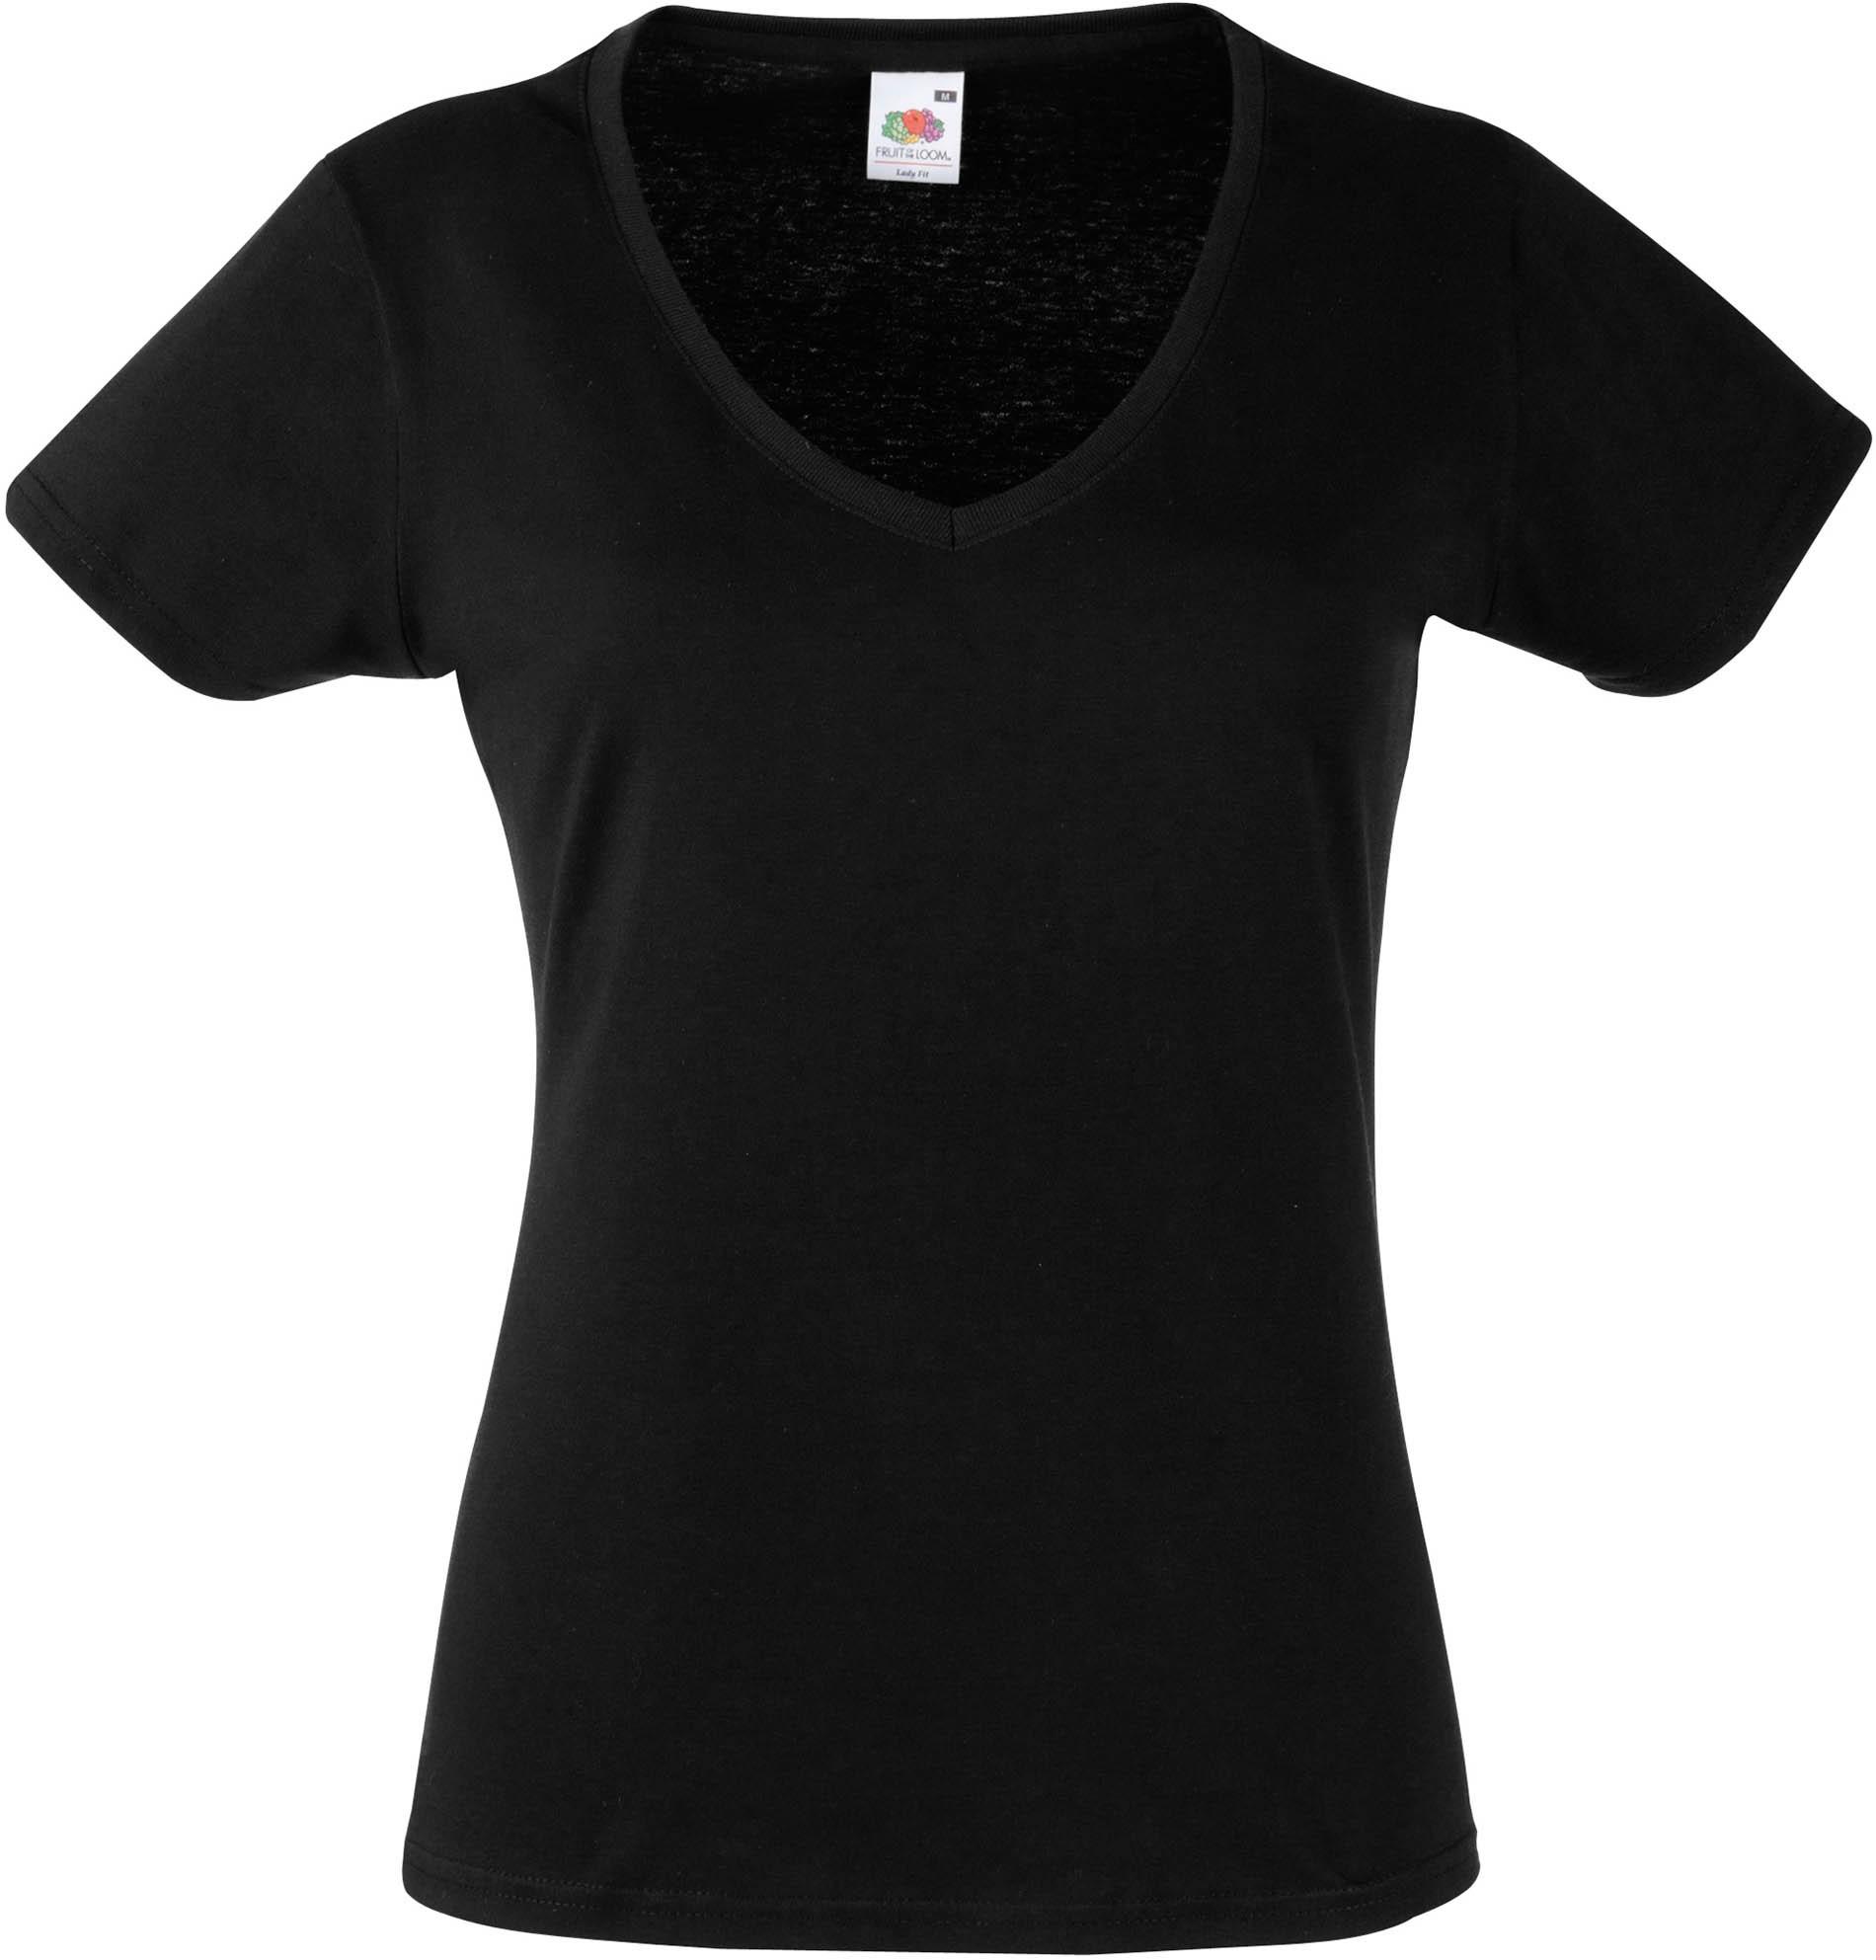 9d37d86c7f2 ... Tee-shirt femme Col V